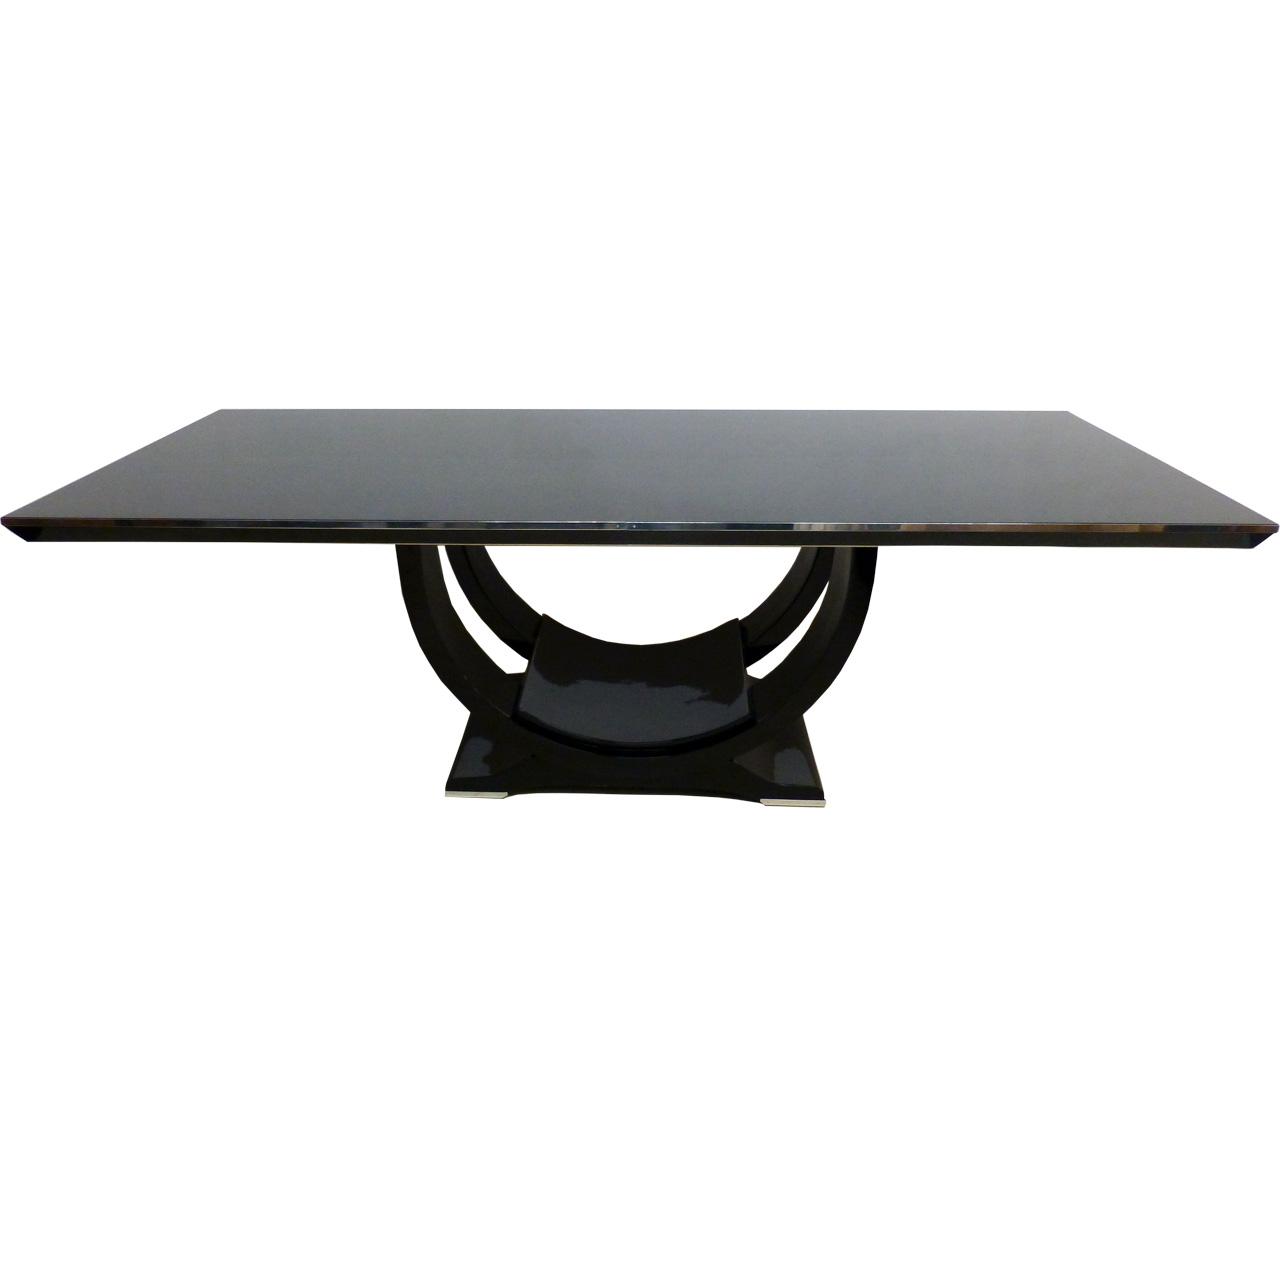 3151 Art Deco Tisch in großer und schwerer Ausführung